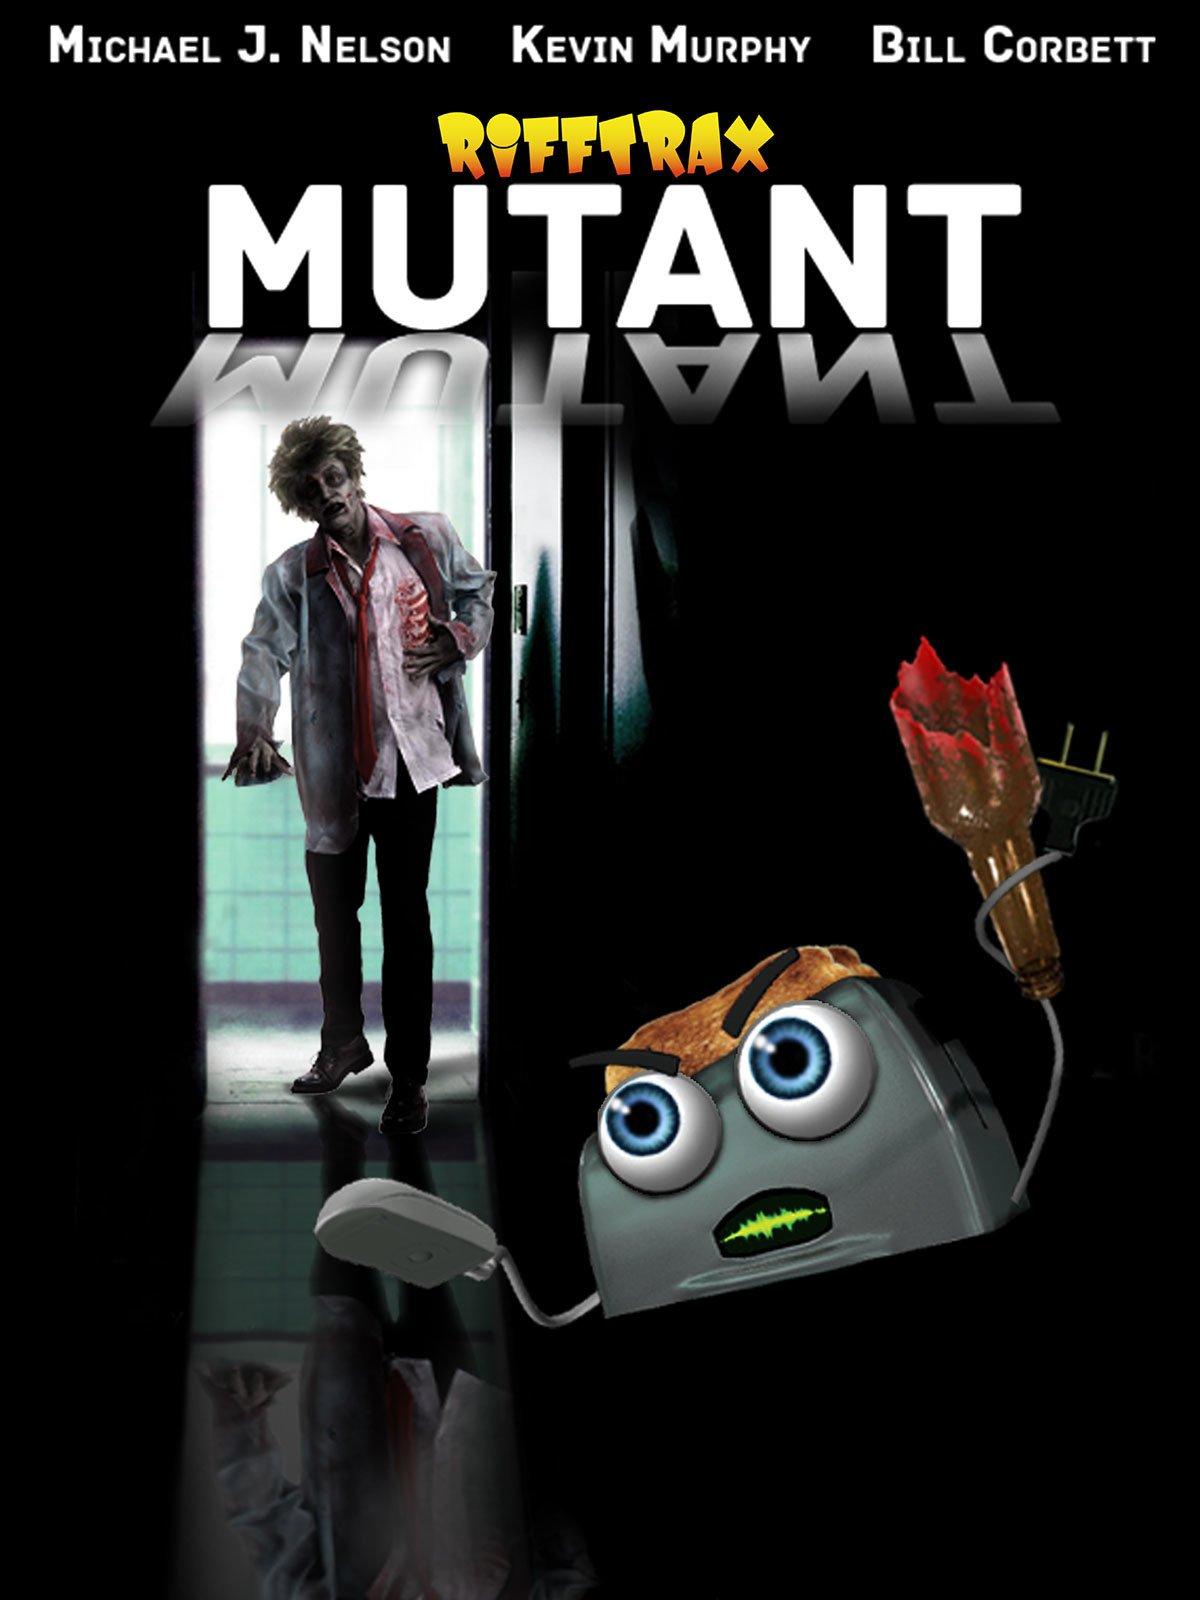 RiffTrax Mutant